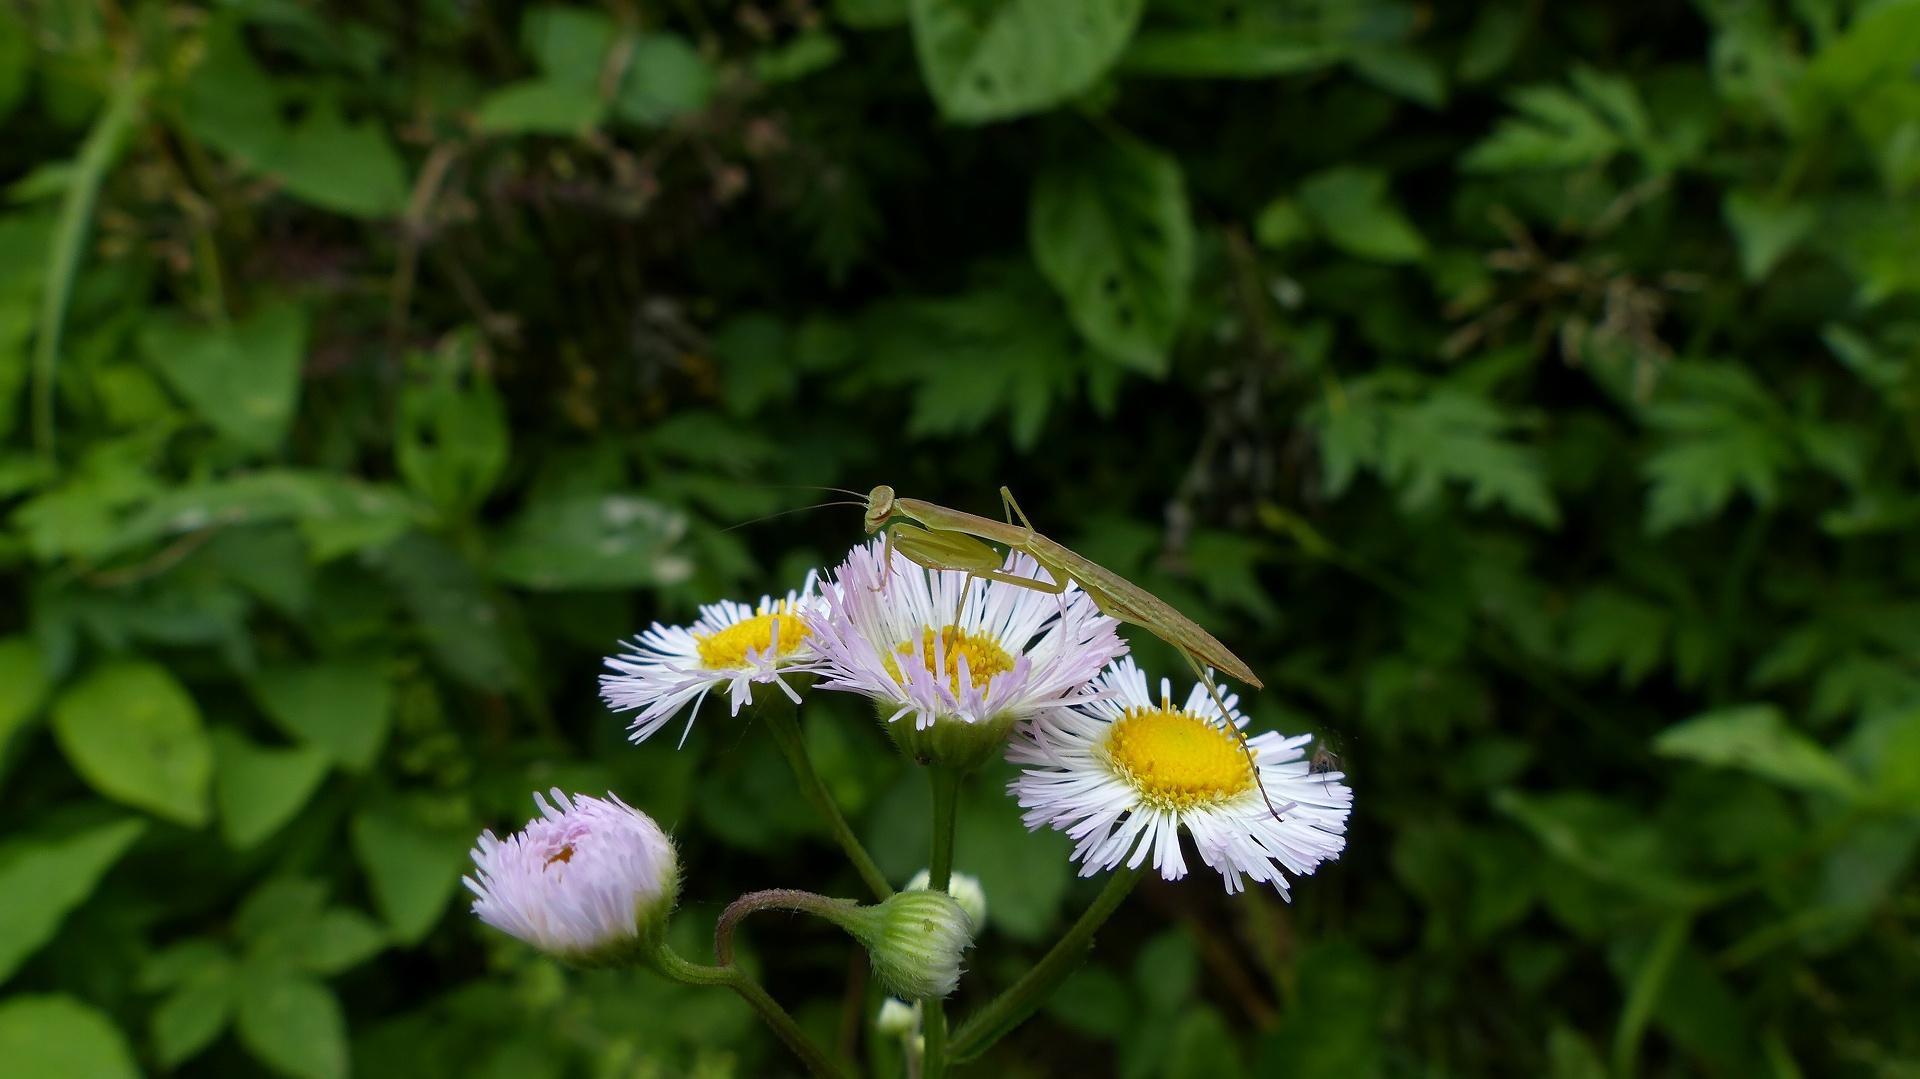 昆虫の森シリーズ 蟷螂(とうろう)_a0185081_1237281.jpg